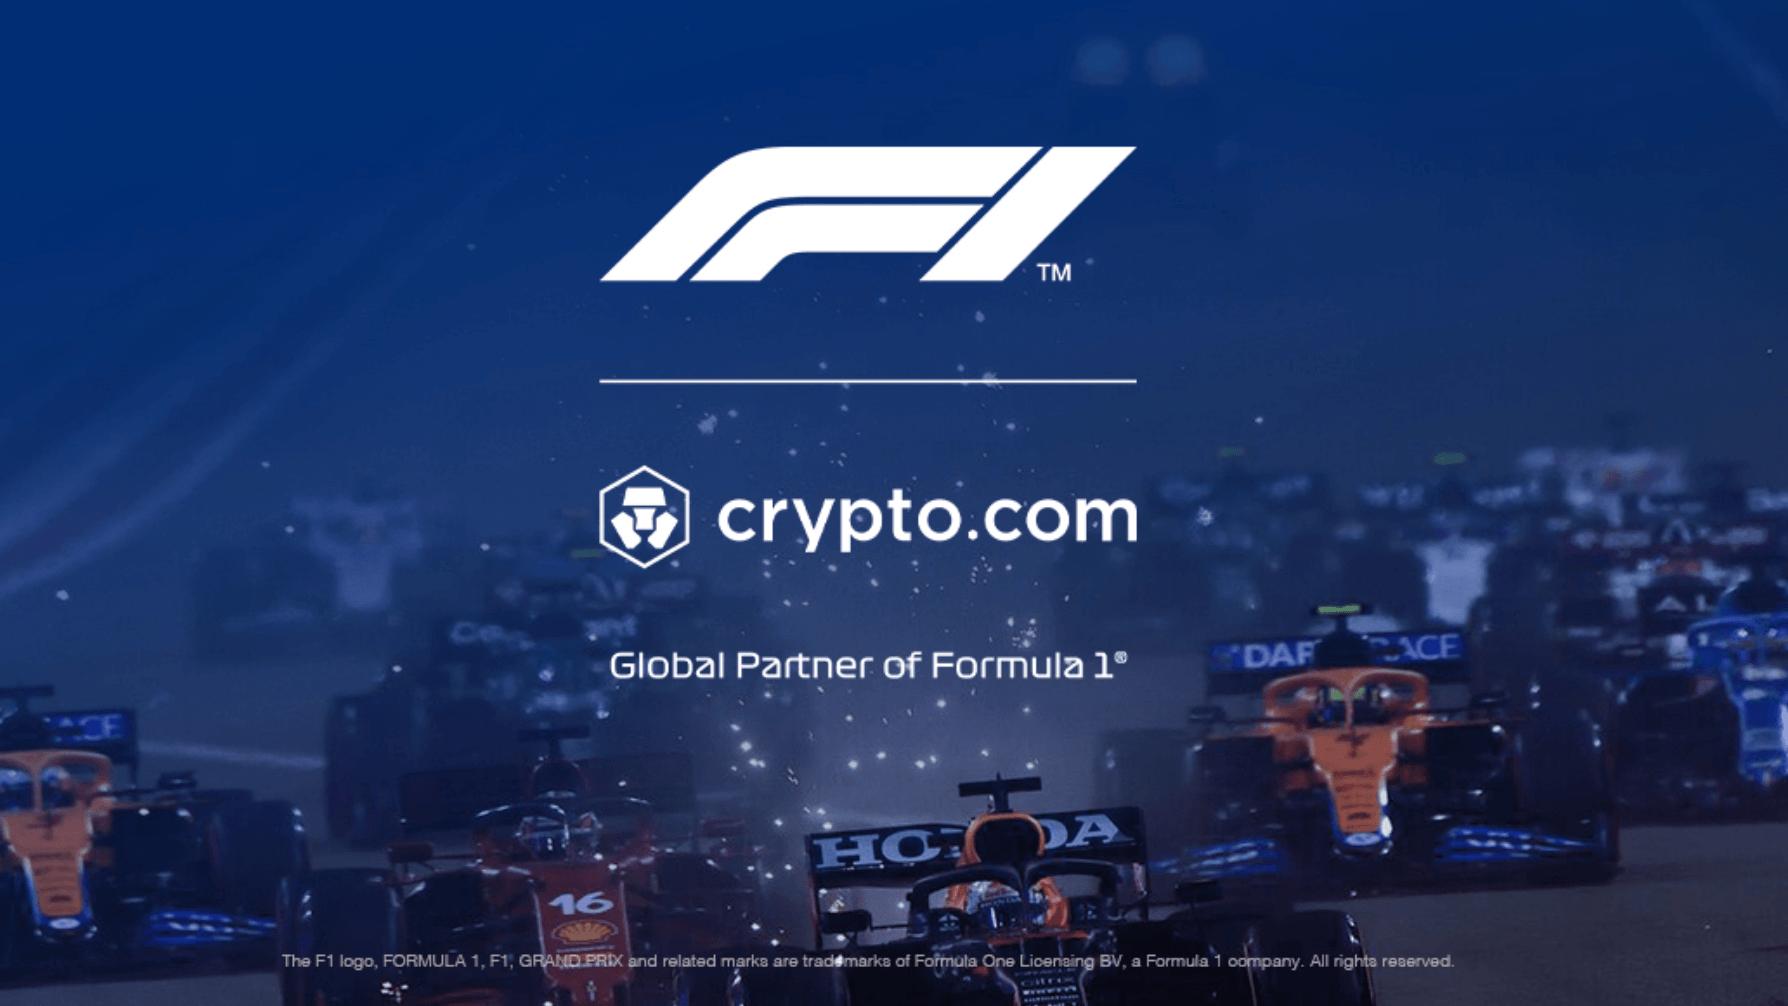 Pressebild von Crypto.com zum Sponsoring der Formel 1